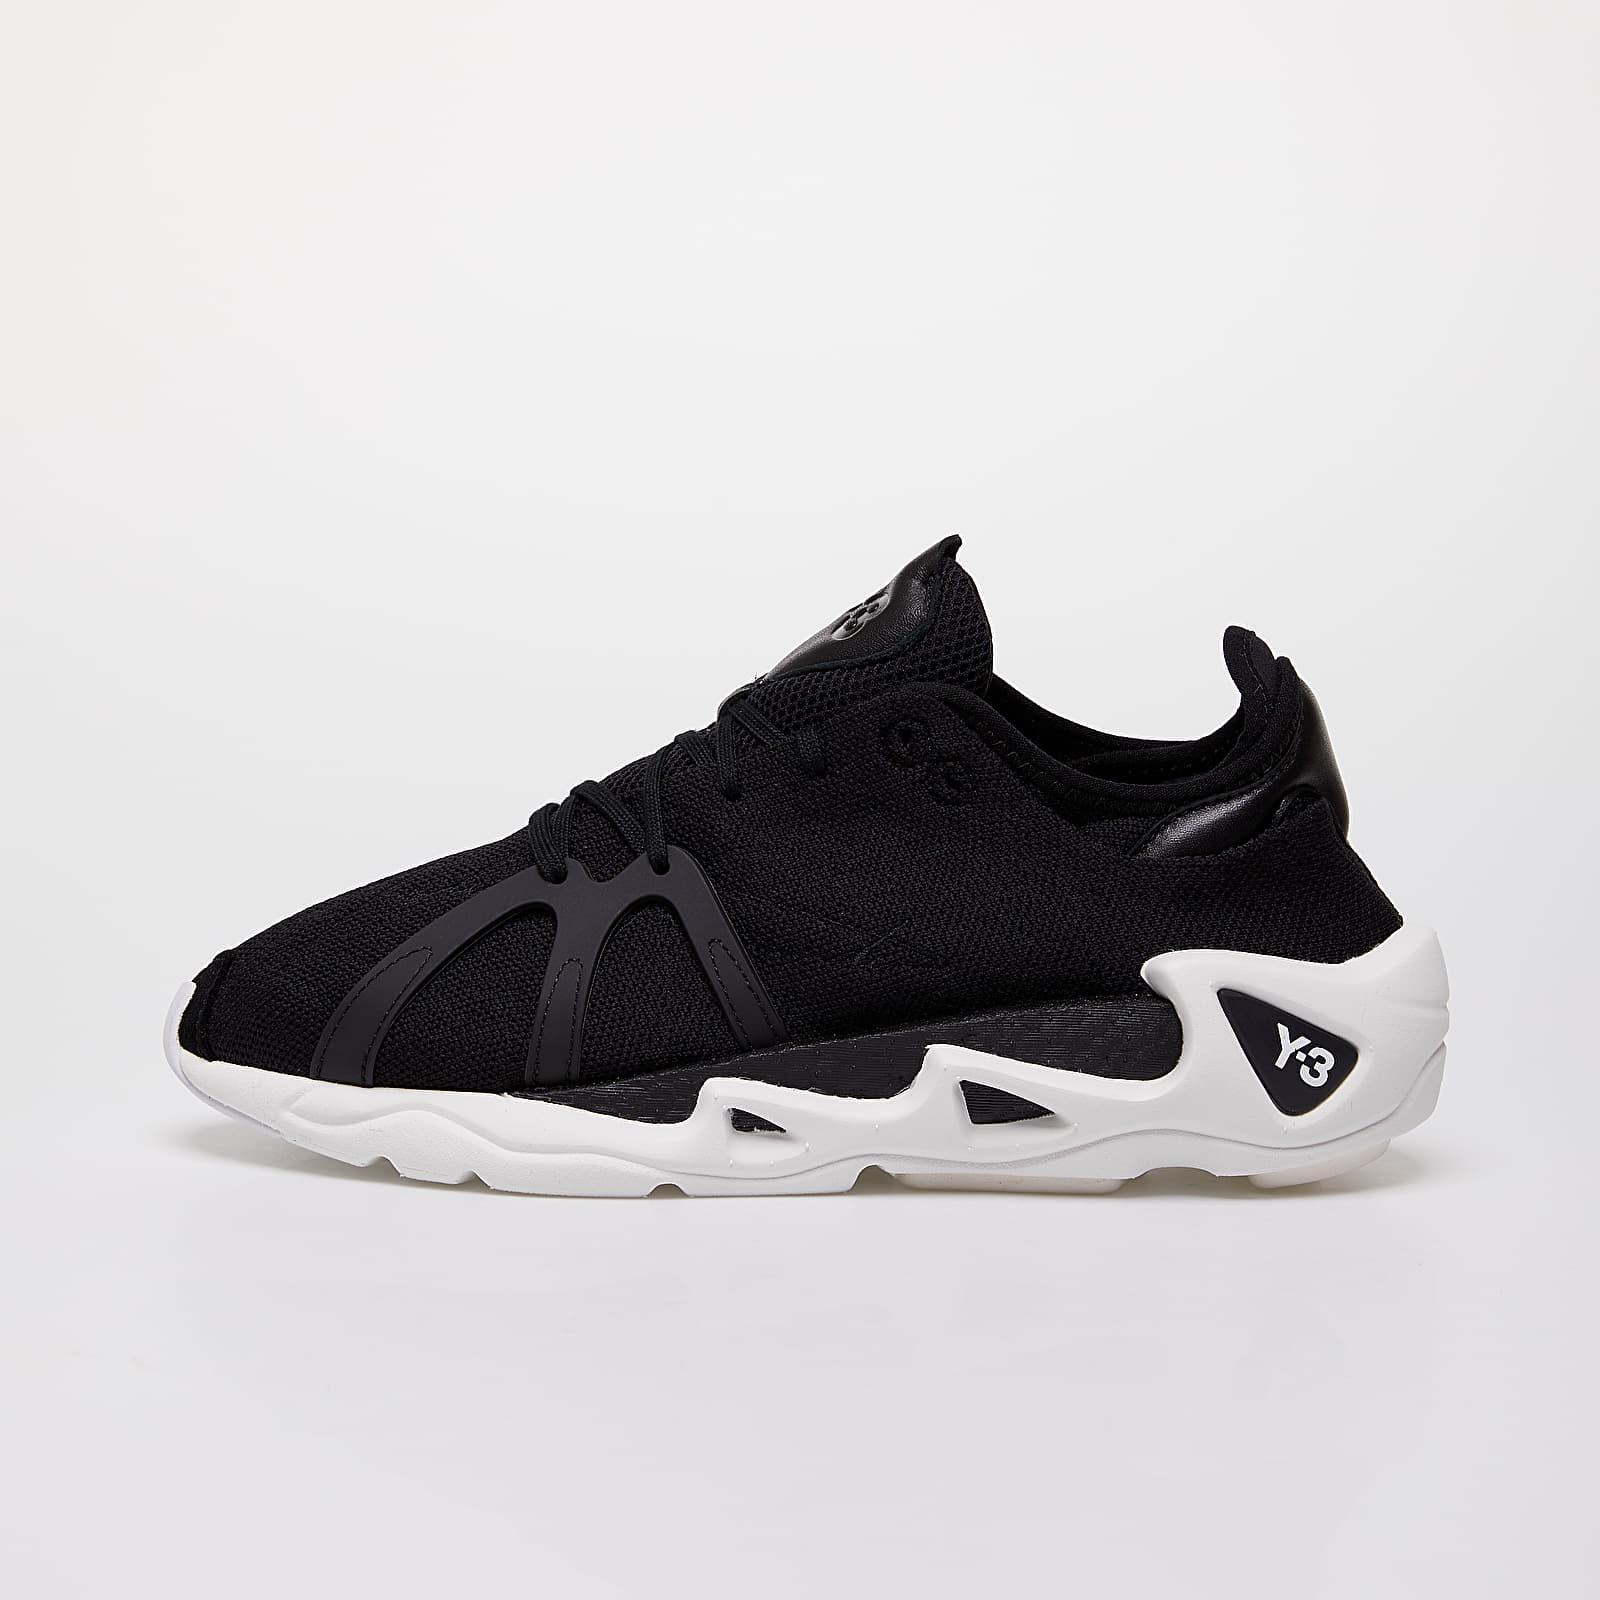 Men's shoes Y-3 FYW S-97 Black/ Ftw White/ Black